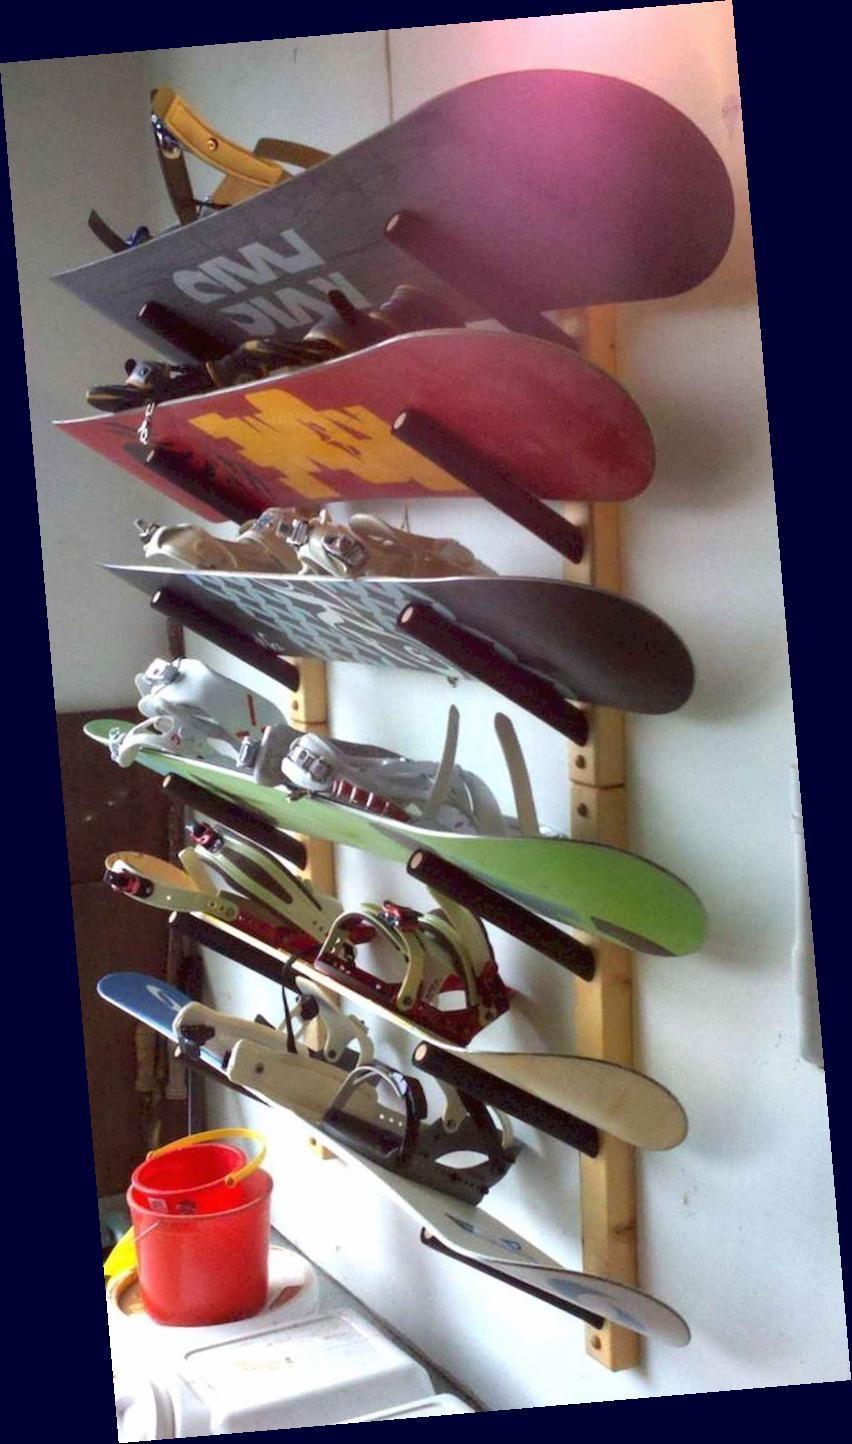 clever garage 68 clever garage organization ideas on clever garage organization ideas id=42990